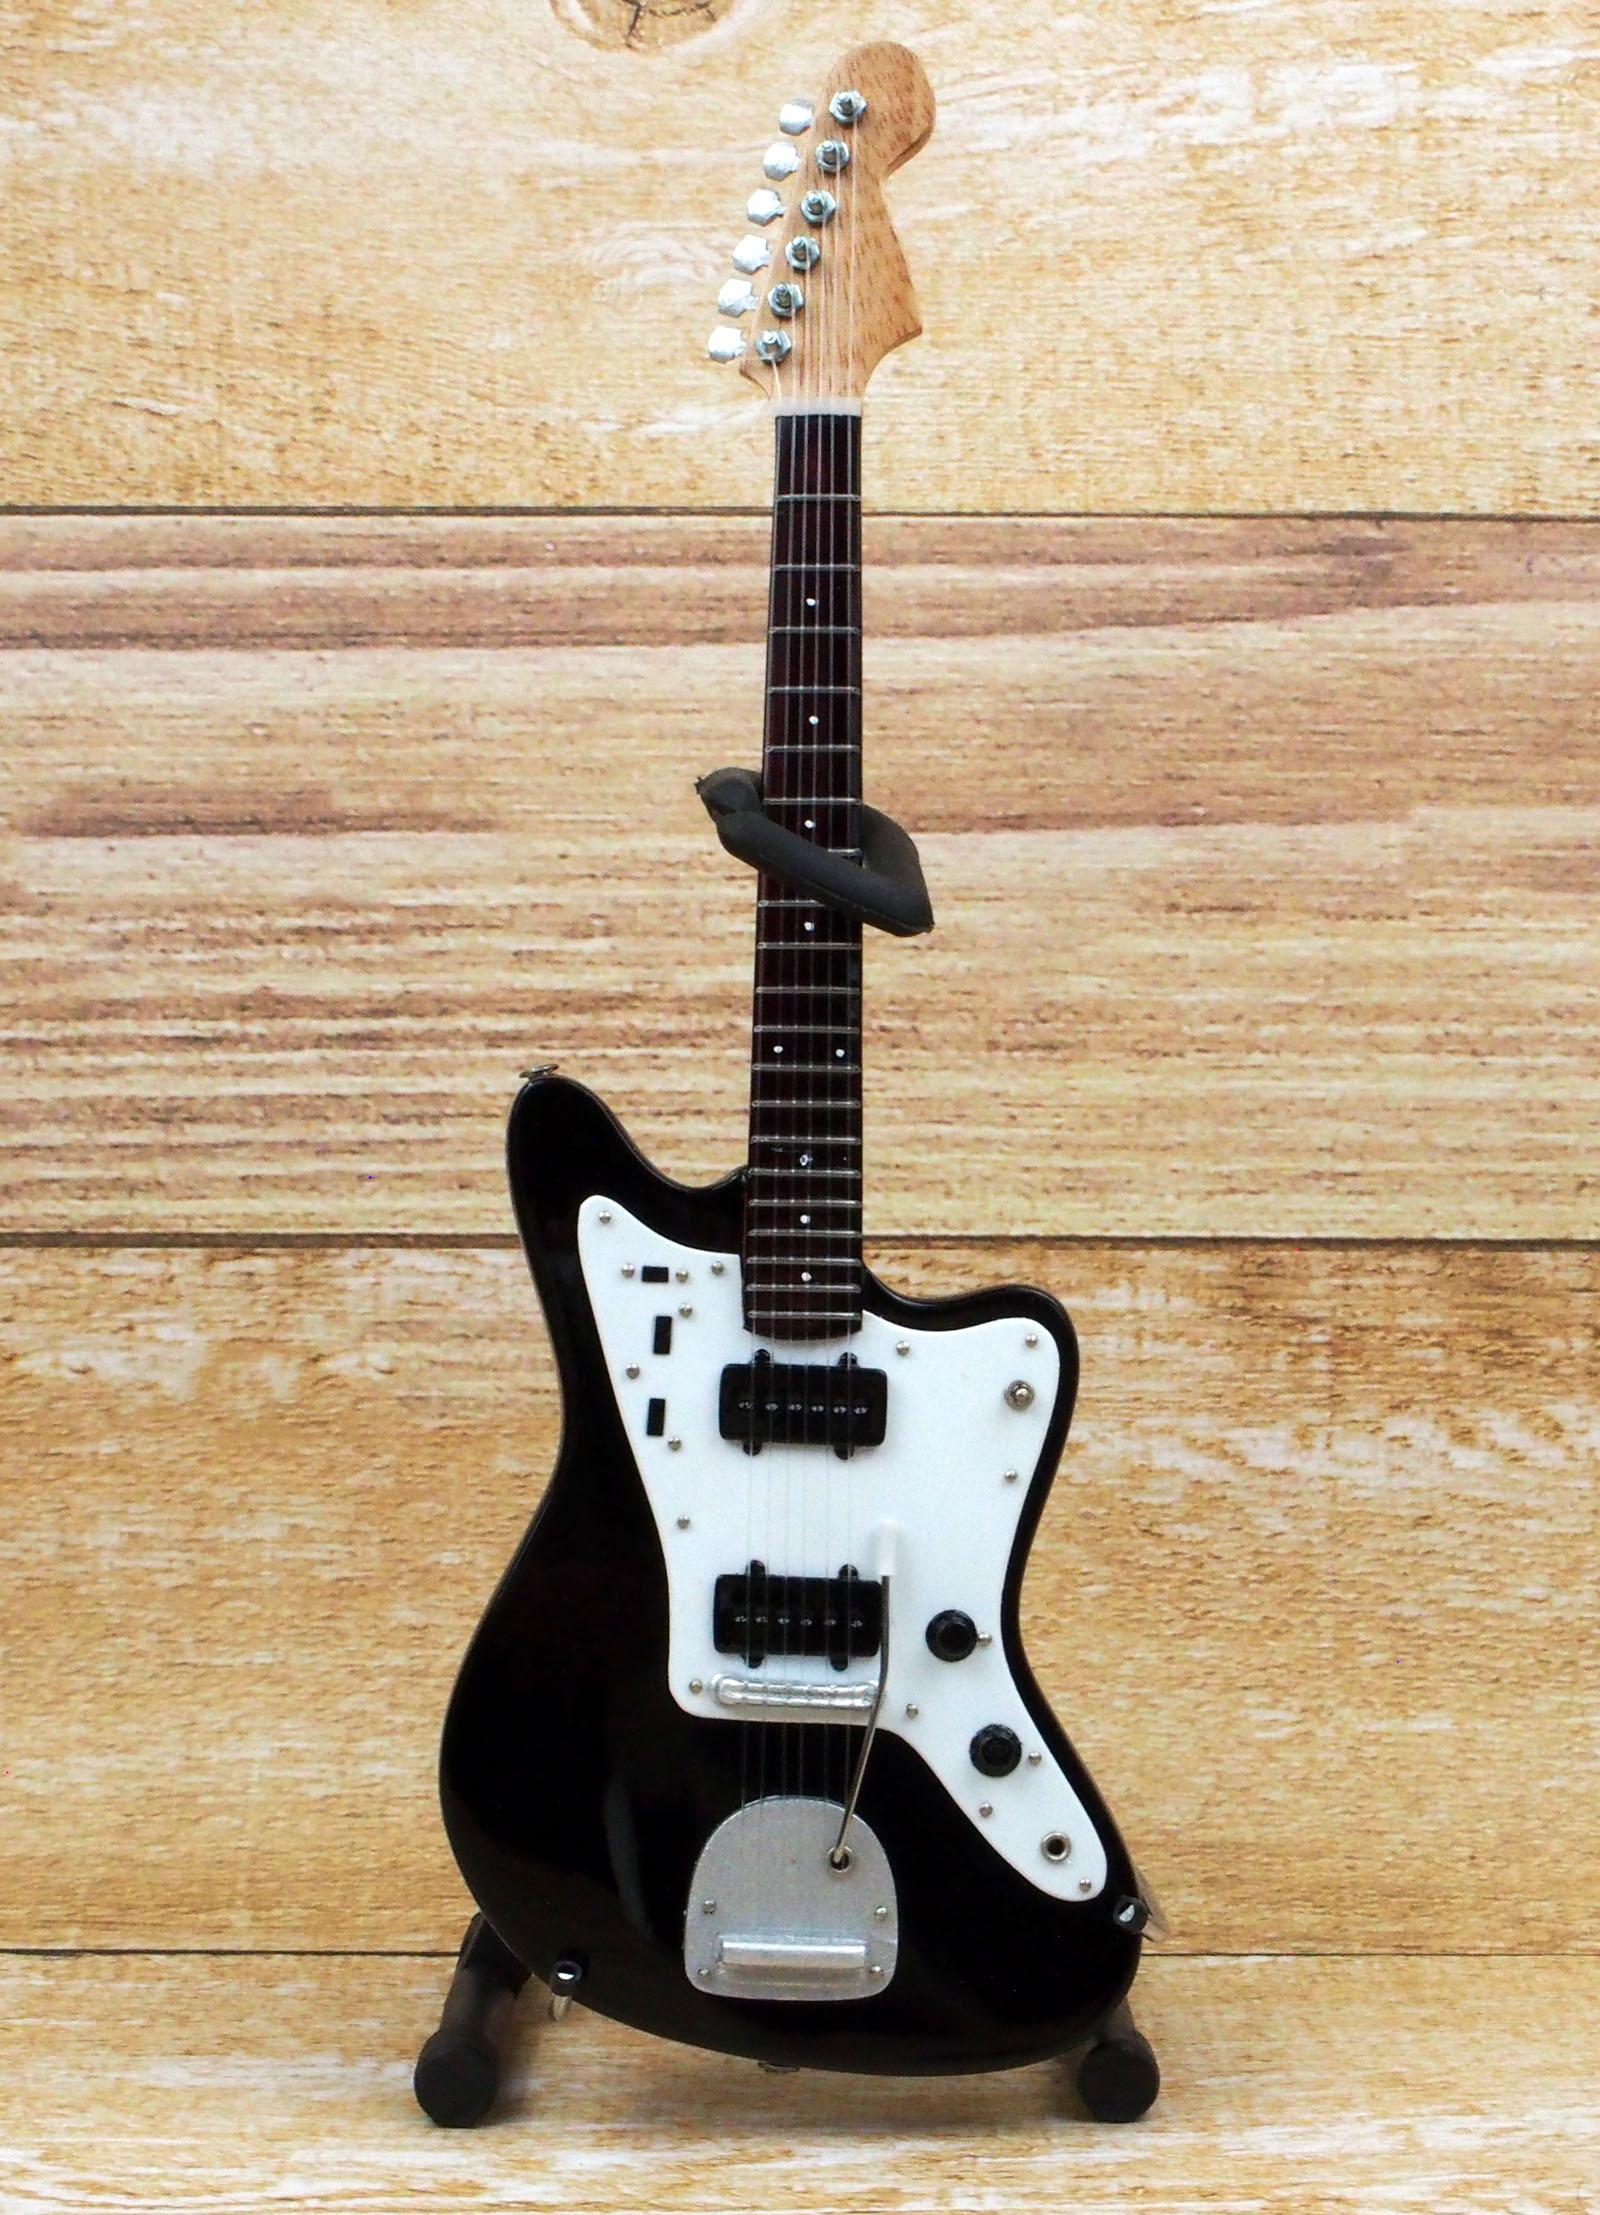 Musical Story ミニチュア ギター フィギュア JM スタイル ブラックカラー 画像